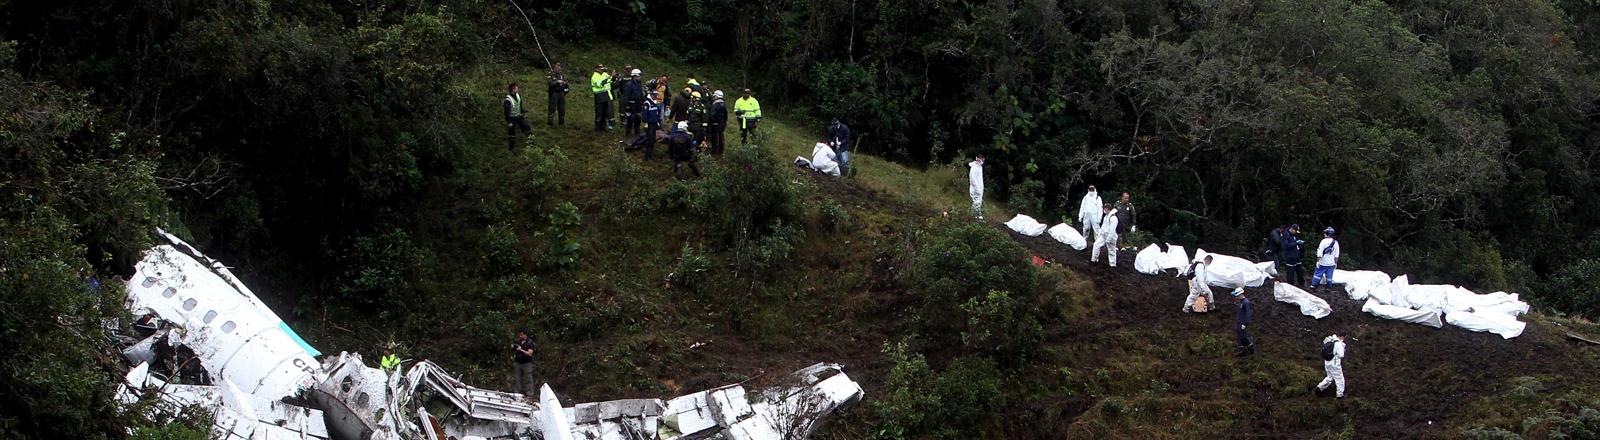 Das Wrack nach dem Absturz in Kolumbien, Rettungskräfte sind inzwischen angekommen.